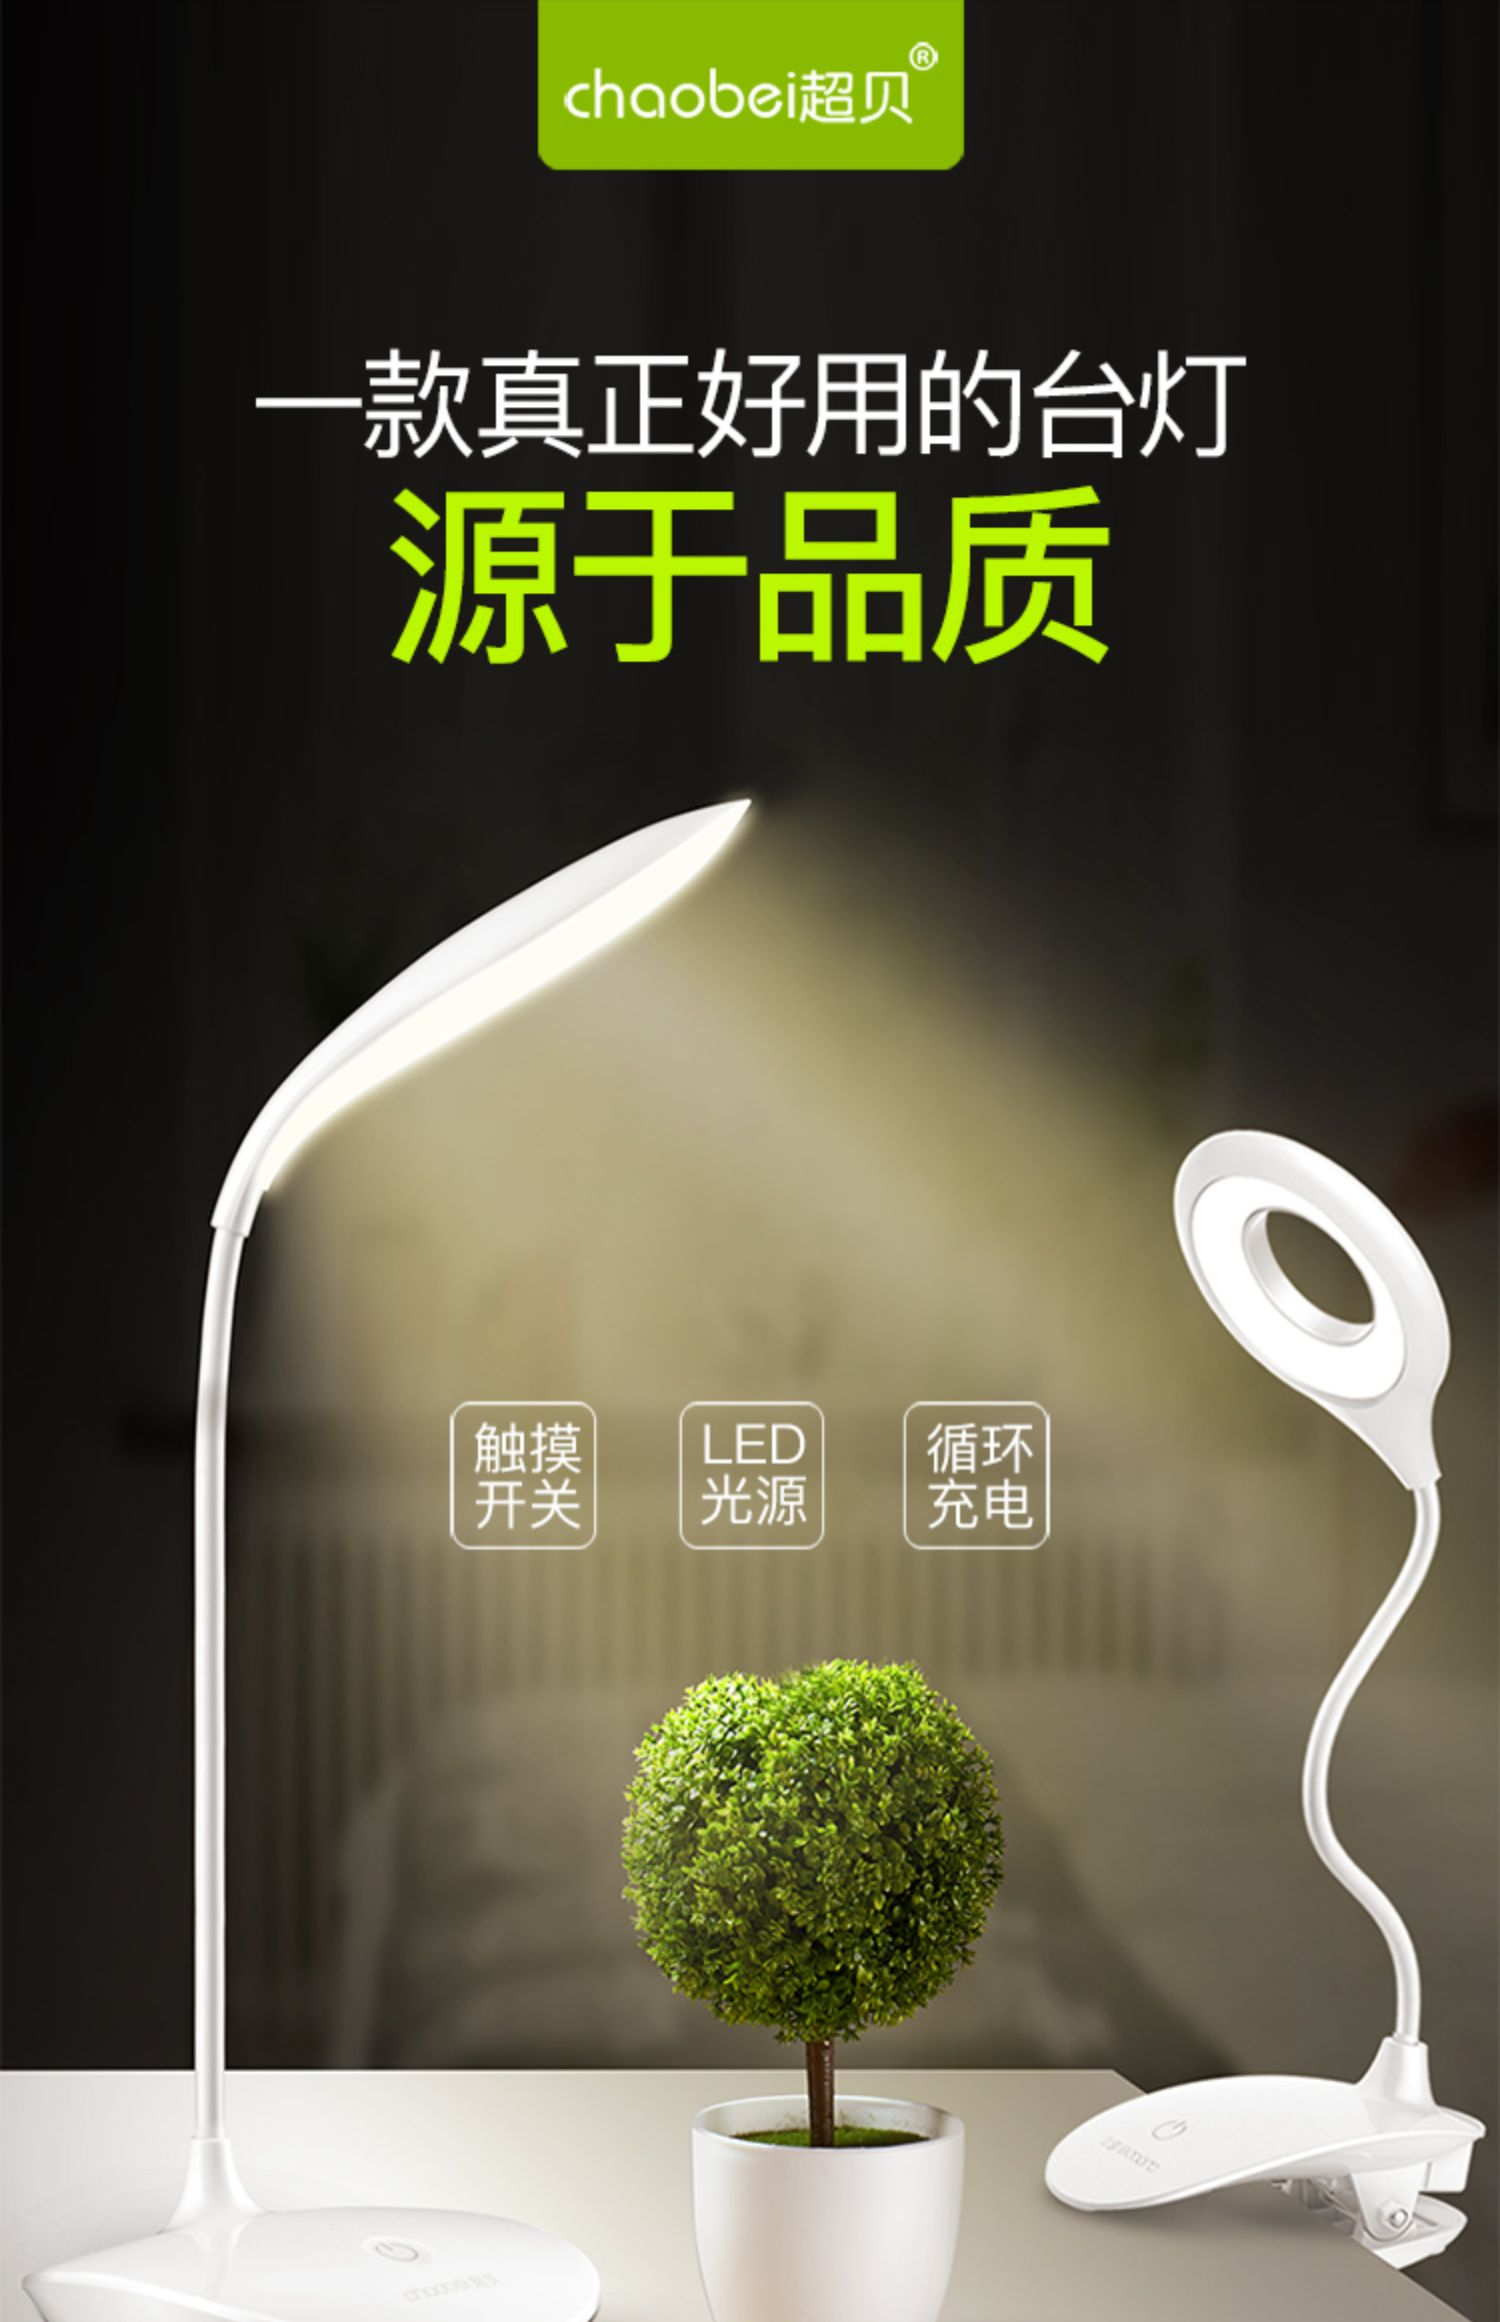 超贝LED台灯护眼USB充电插电两用可夹子式卧室床头小学生书桌宿舍商品详情图